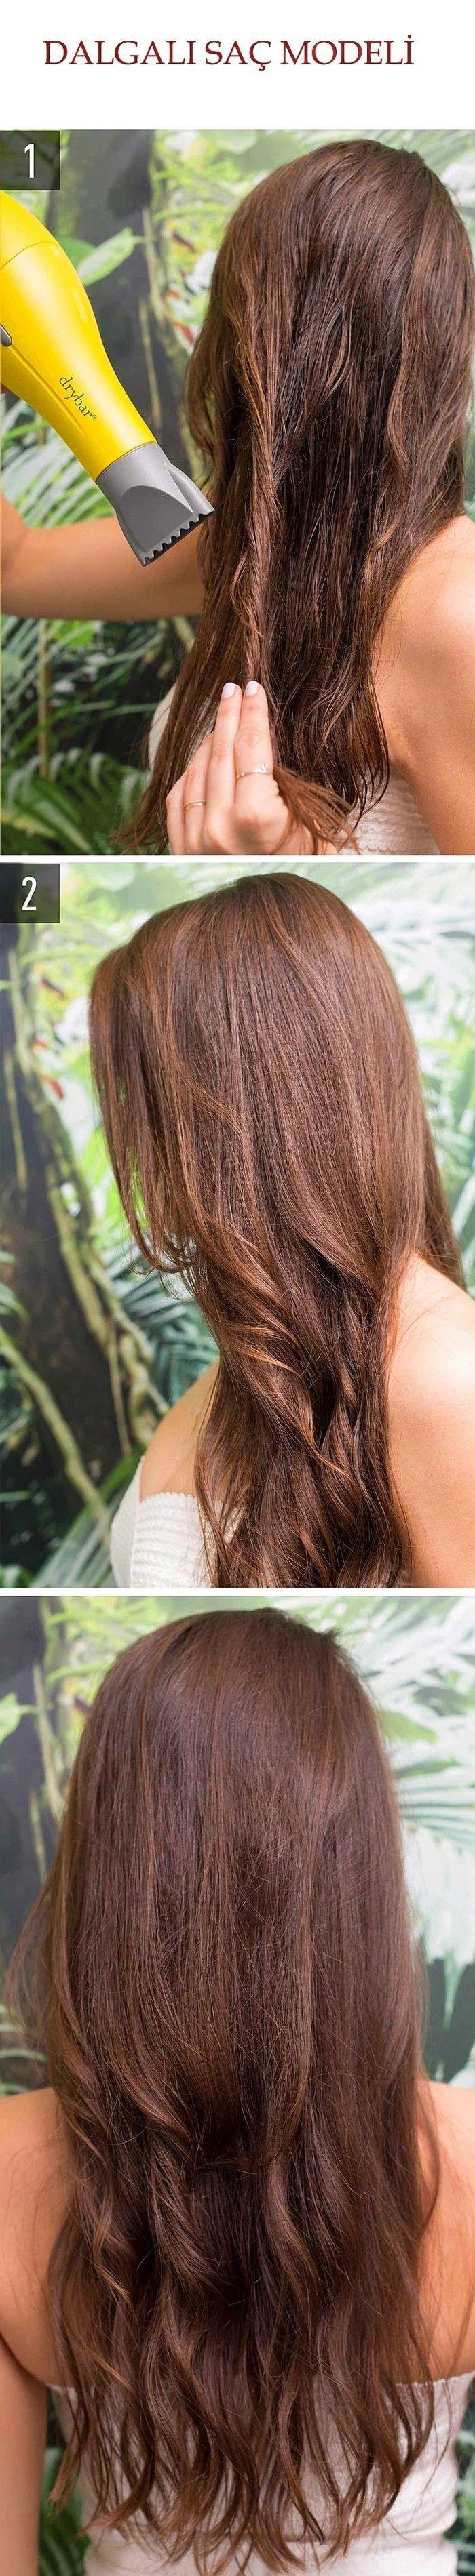 Dalgalı Saç Modeli @kadinedio #kadın #kadin #women #woman #saç #saçmodeli #sacmodeli #hairstyle #hair